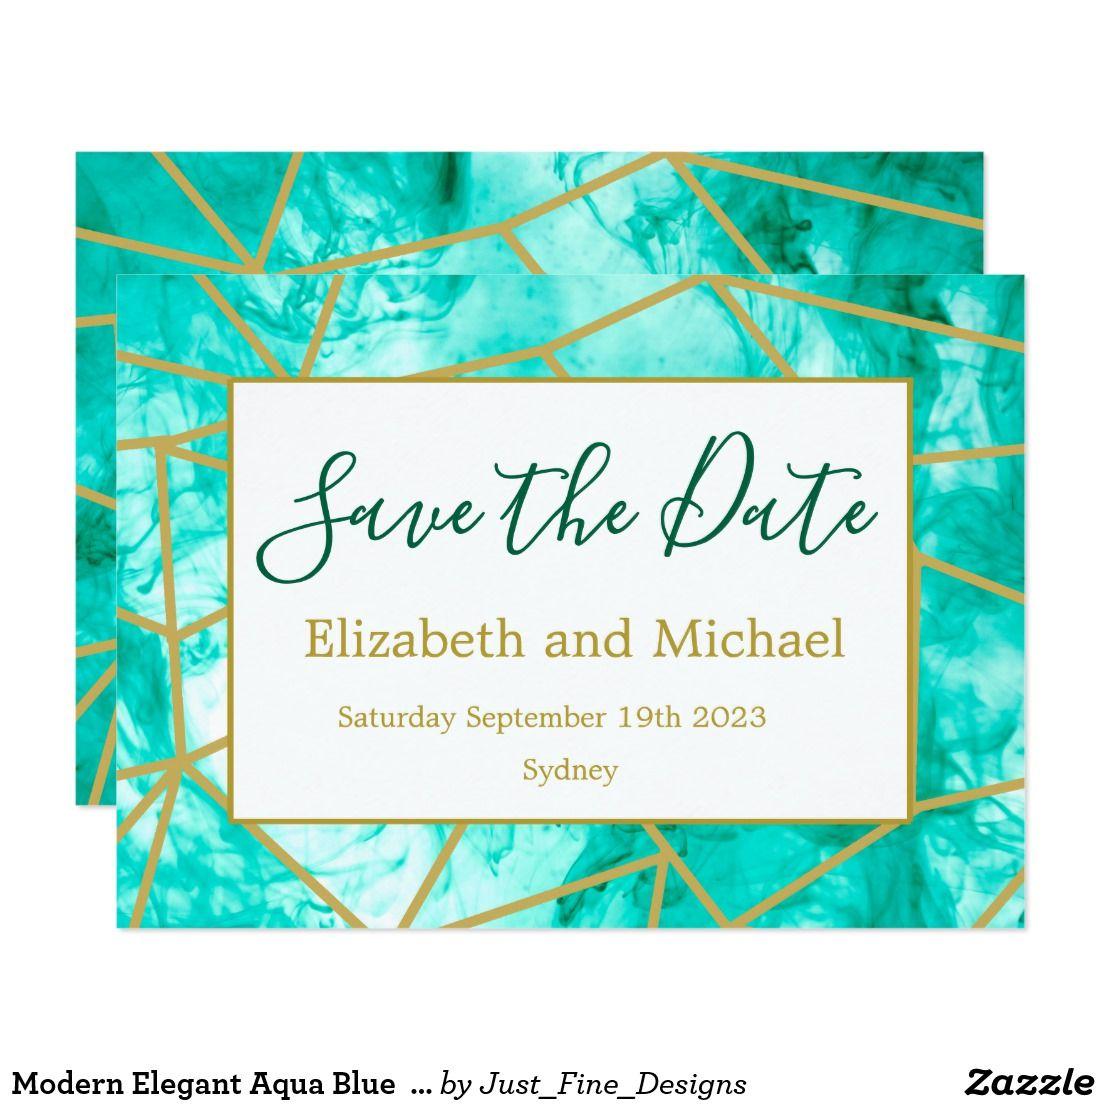 Modern Elegant Aqua Blue Gold Save the Date